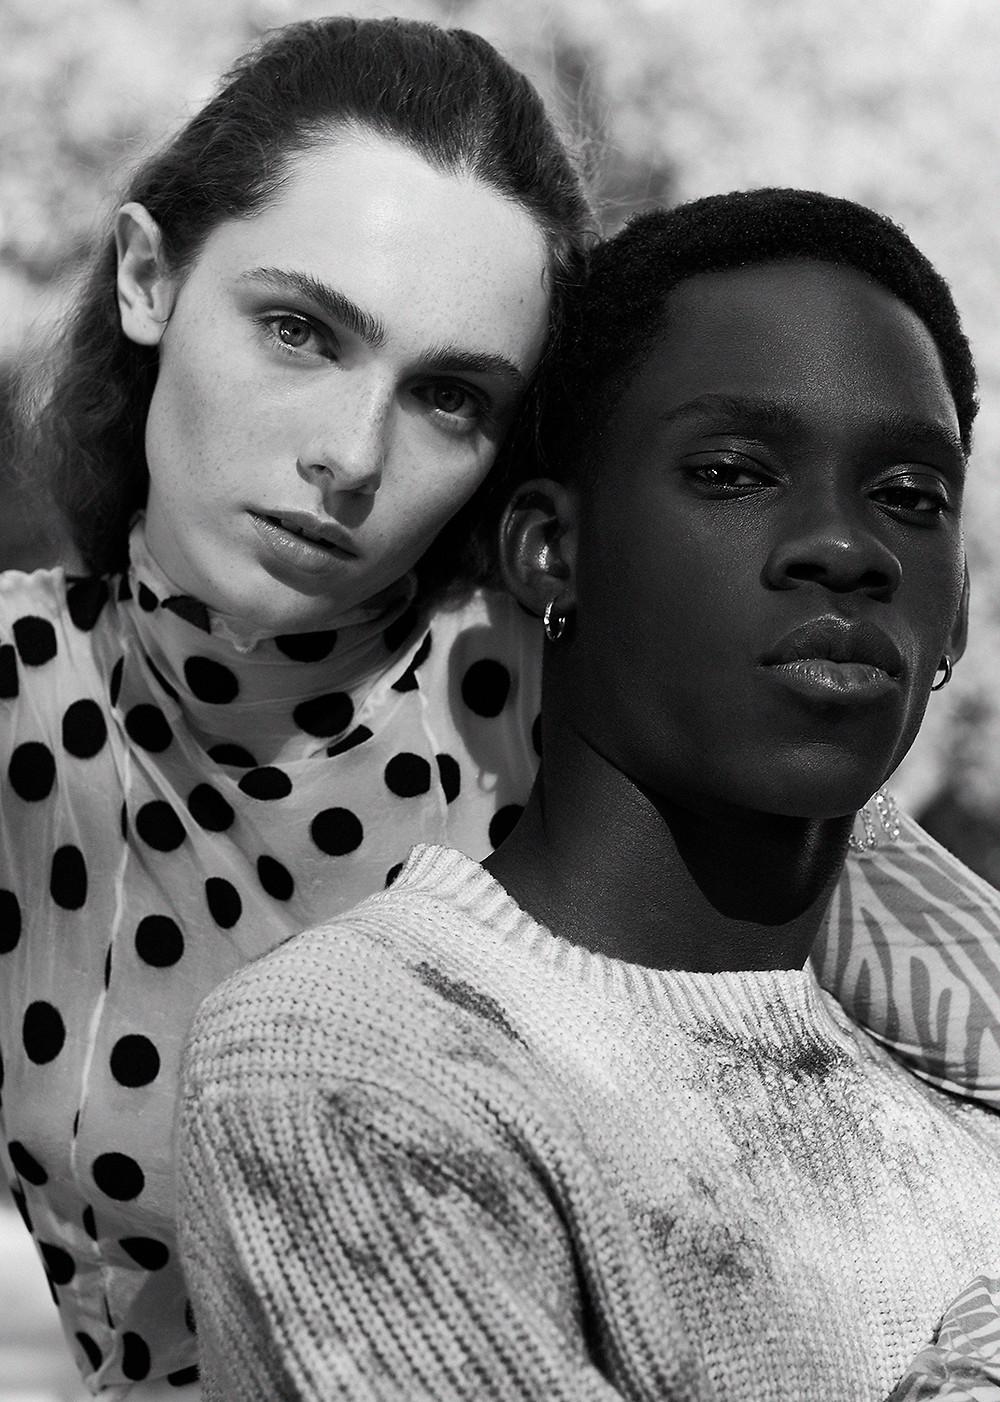 Sophia wears top by Foam of the Days. Amadou wears jumper by Scotch & Soda.